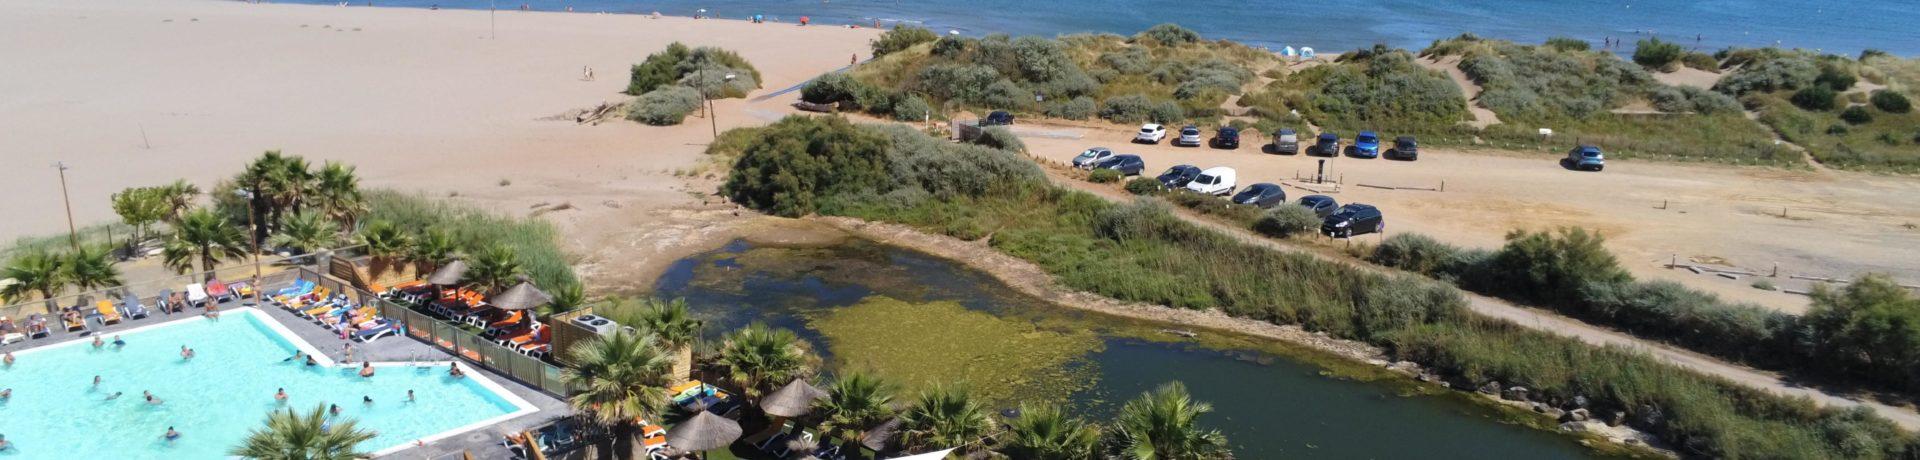 Niet ver van de stad Narbonne, gelegen aan de kust van de Middellandse Zee, ligt camping Bleu Marine.